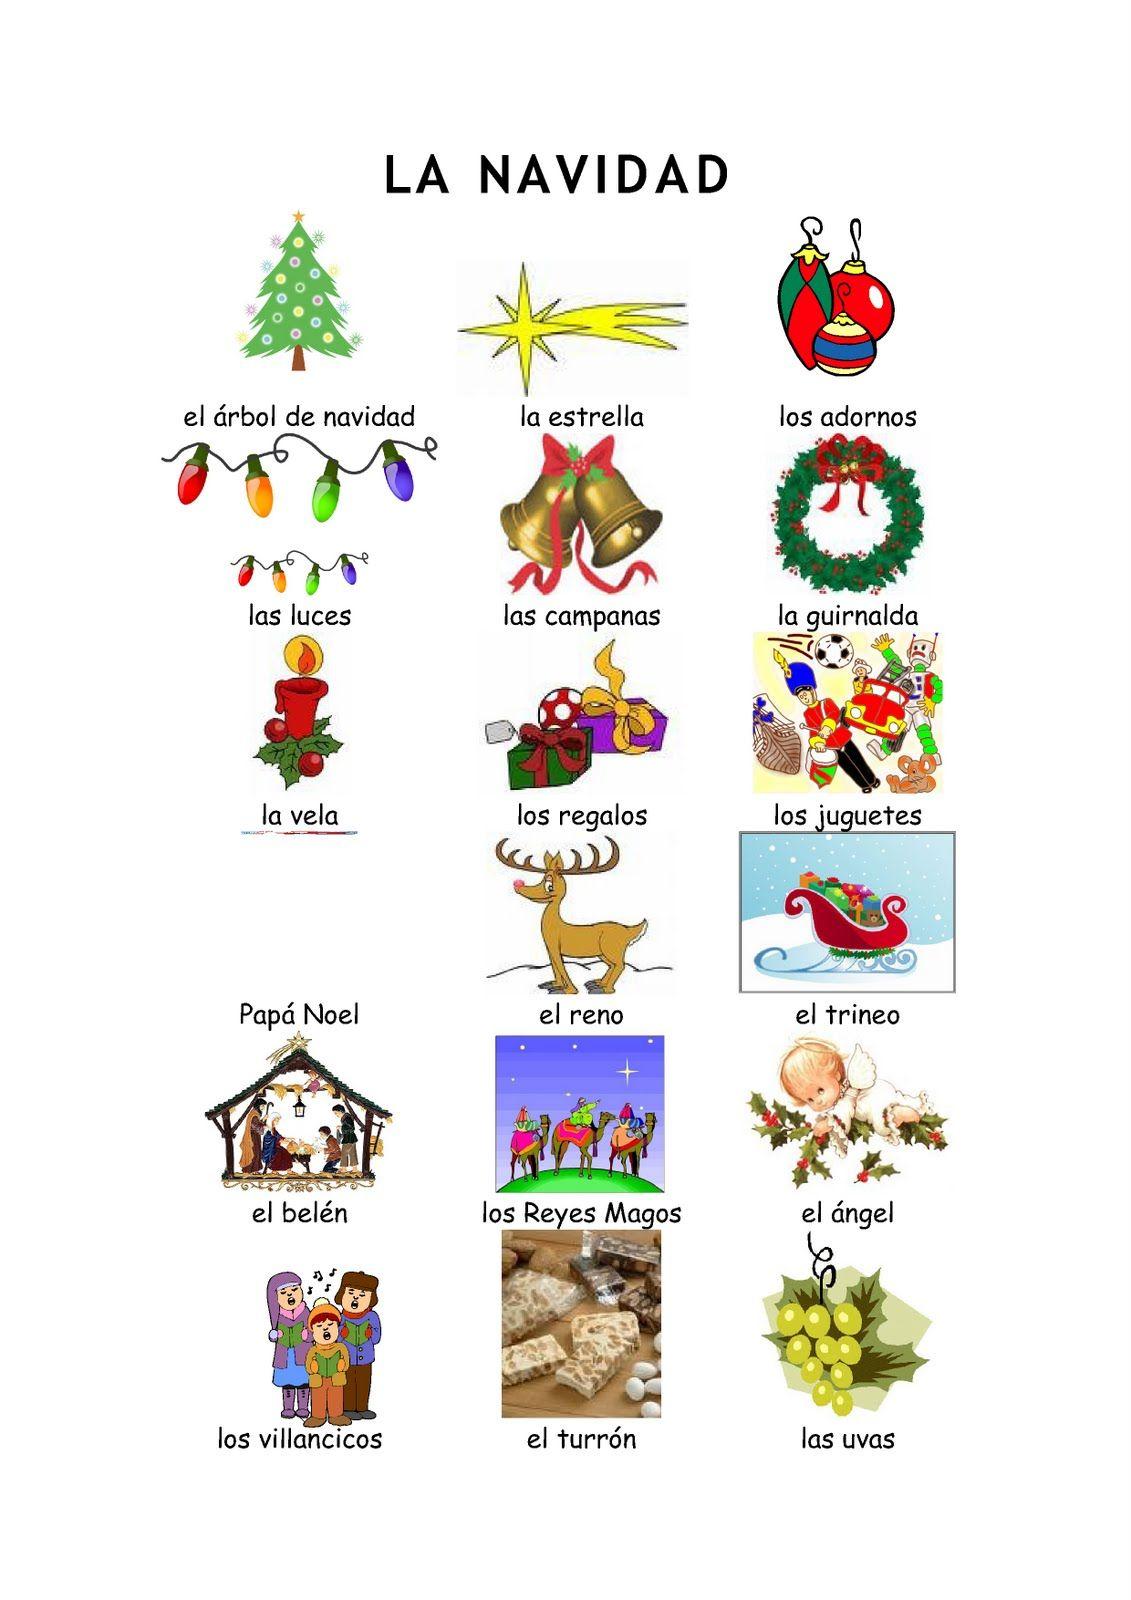 Christmas Spanish Vocabulary Vocabulario De La Navidad Spanish Christmas Vocabulary